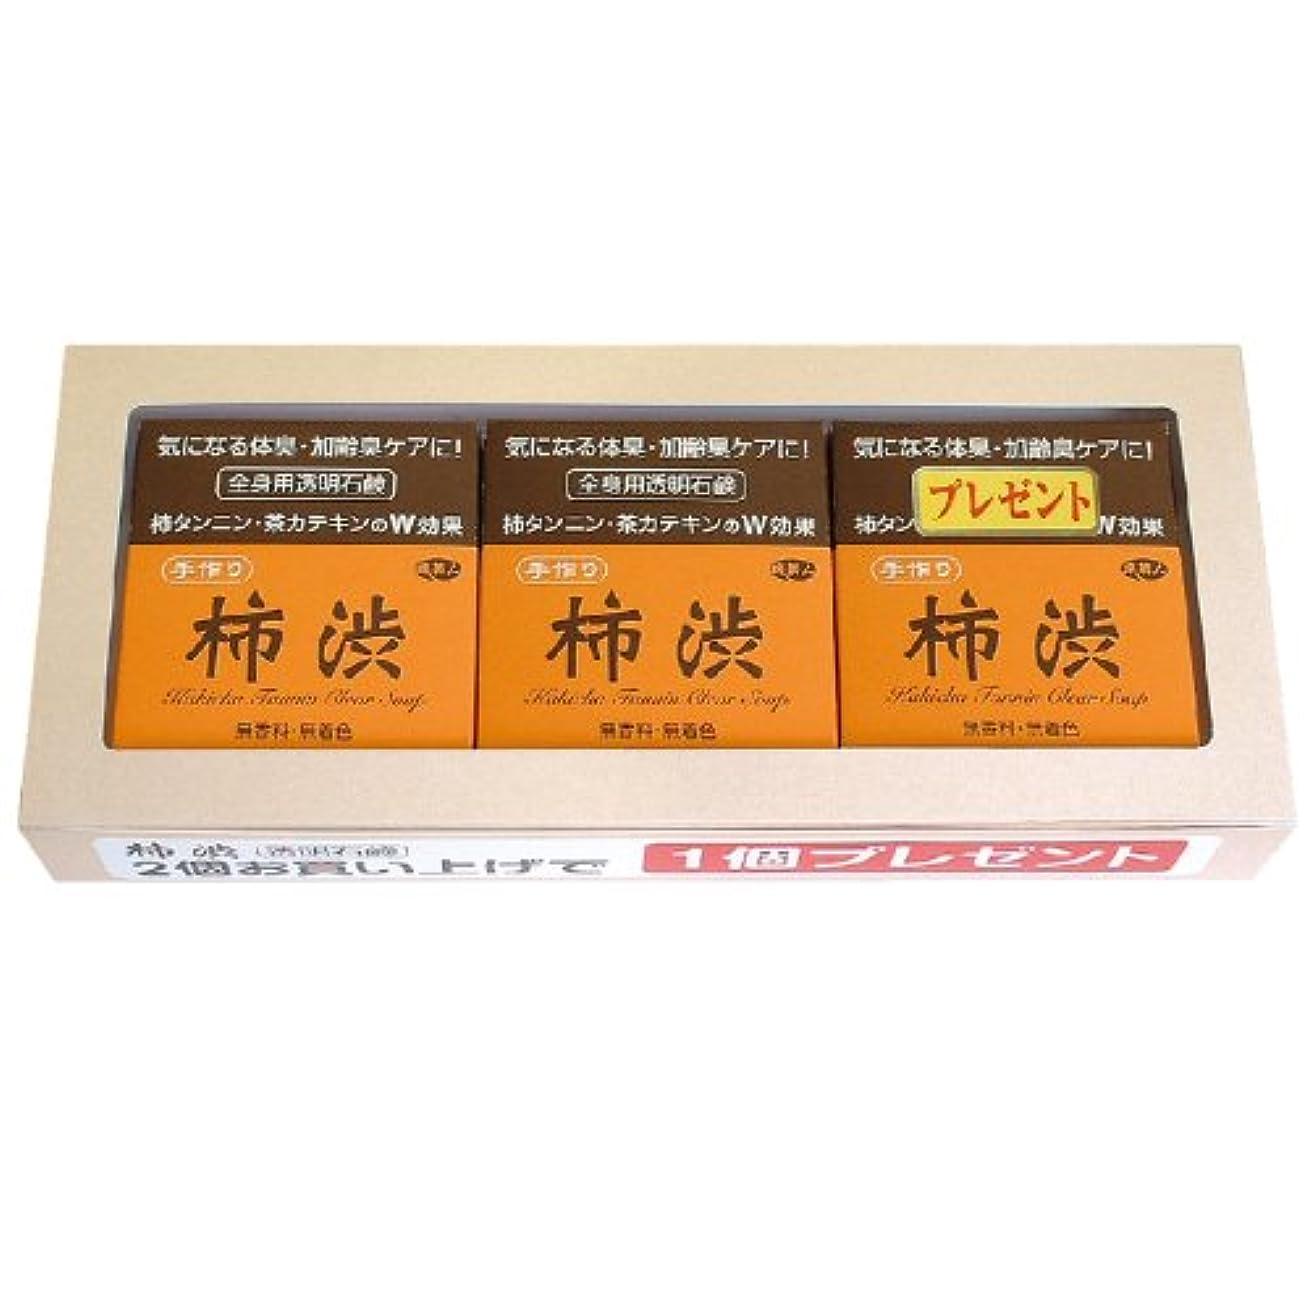 複数意図民間人アズマ商事の 柿渋透明石鹸 2個の値段で3個入りセット